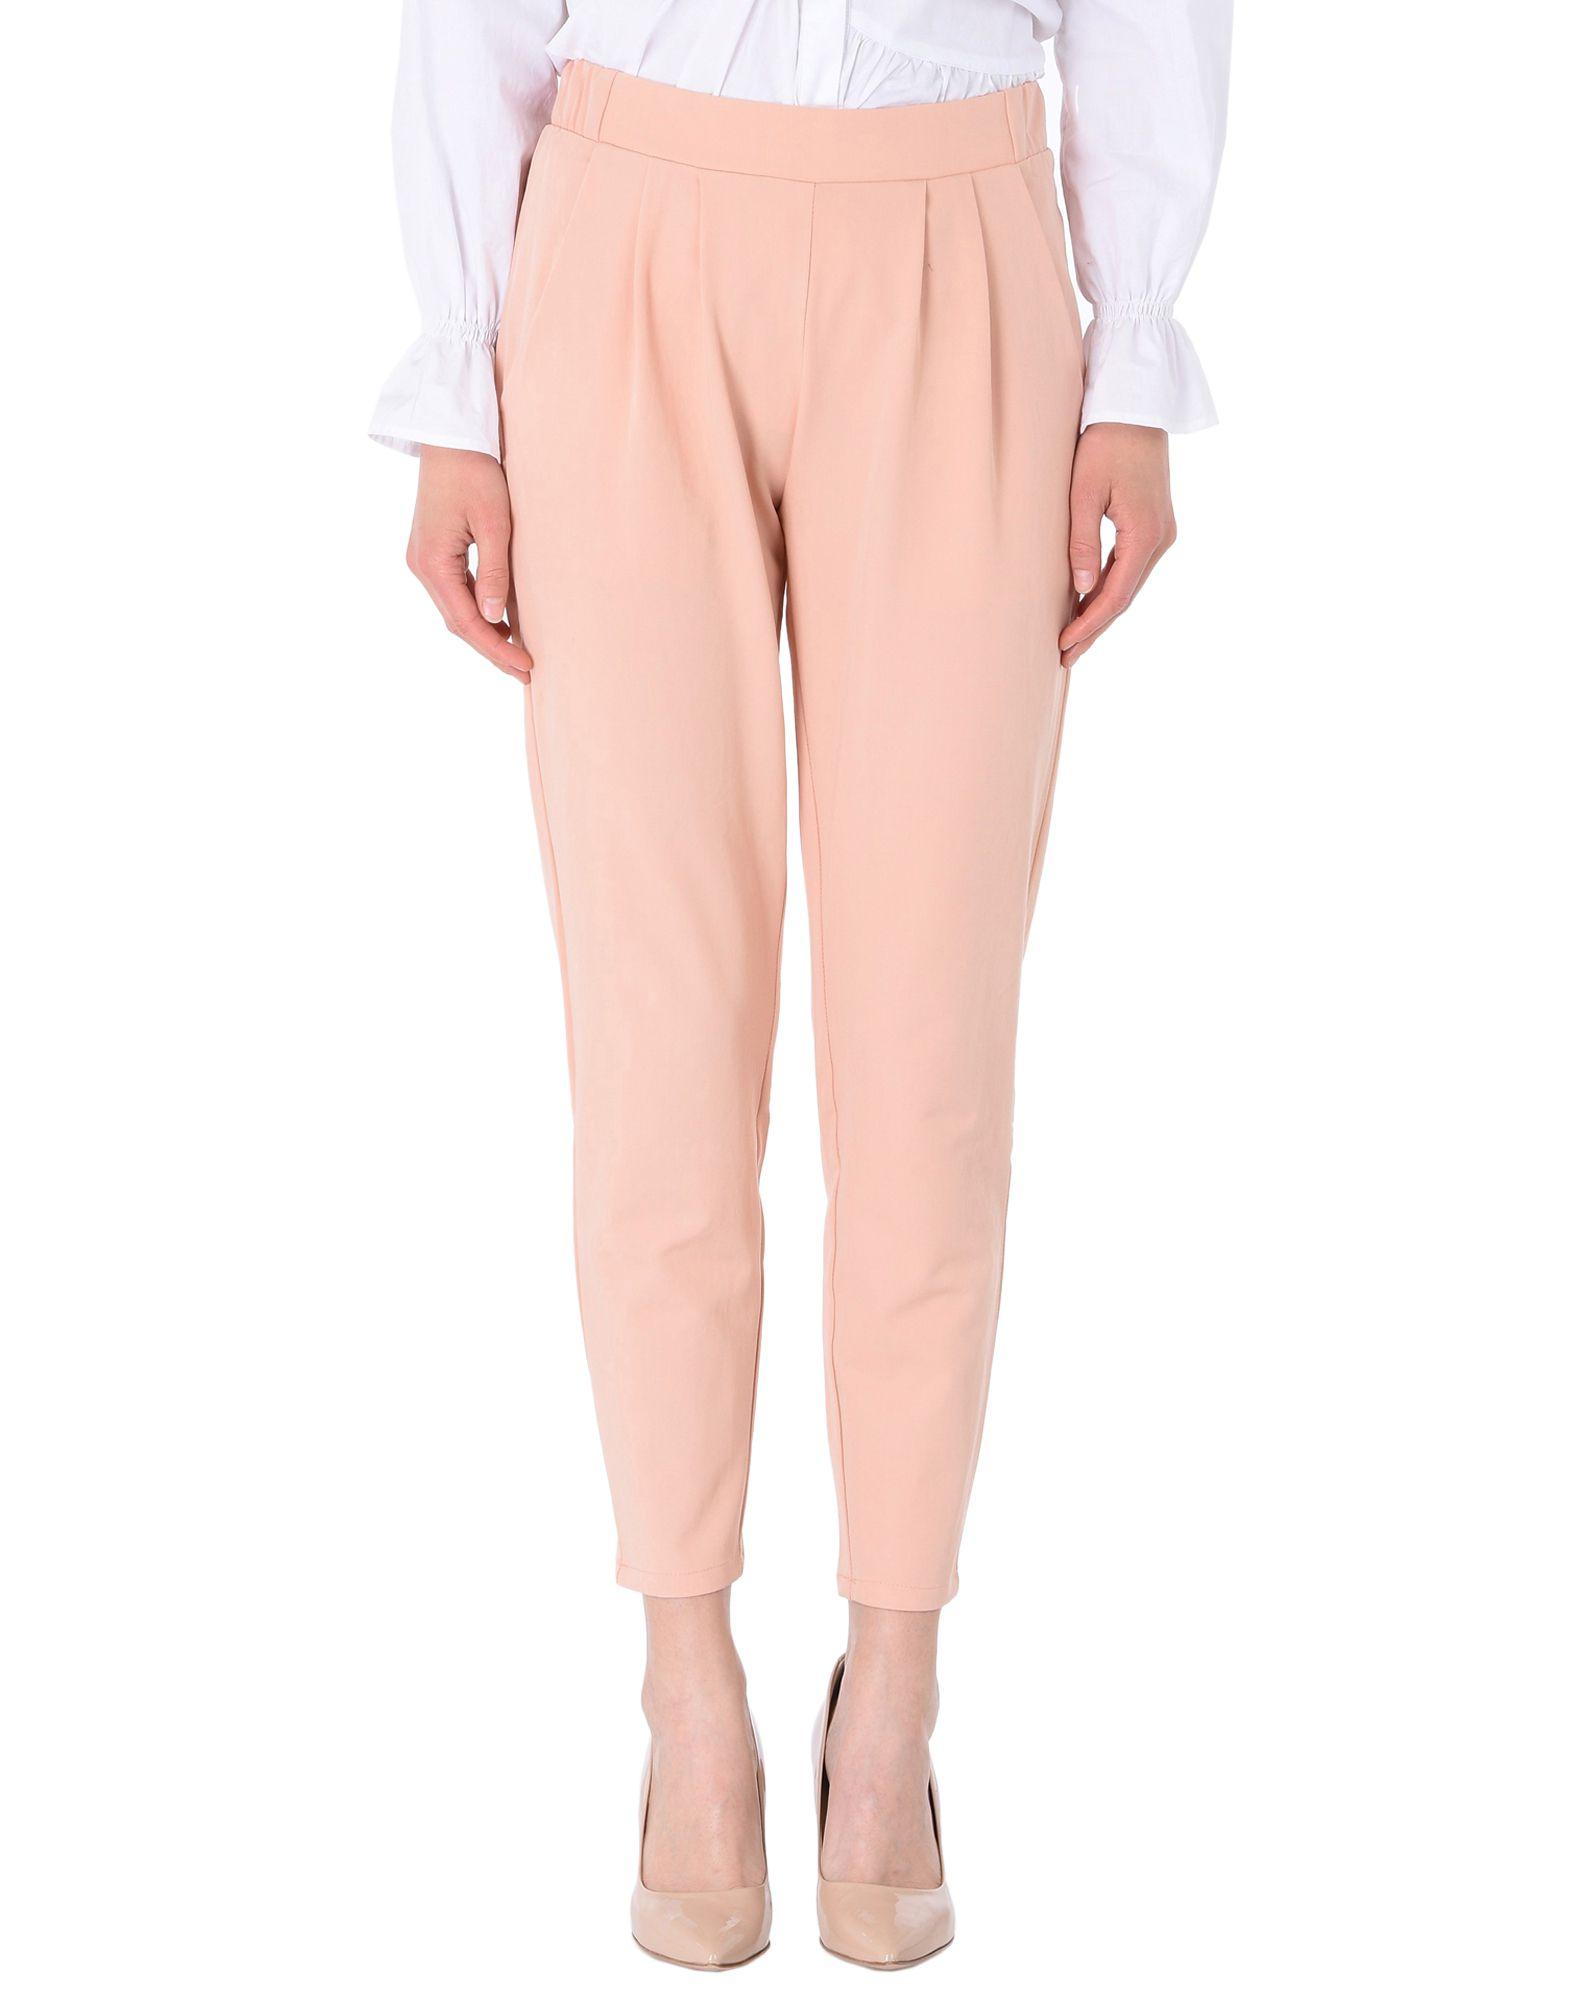 Pantalone Minimum Minimum Sofja - donna - 13193827QX  Großhandelsgeschäft